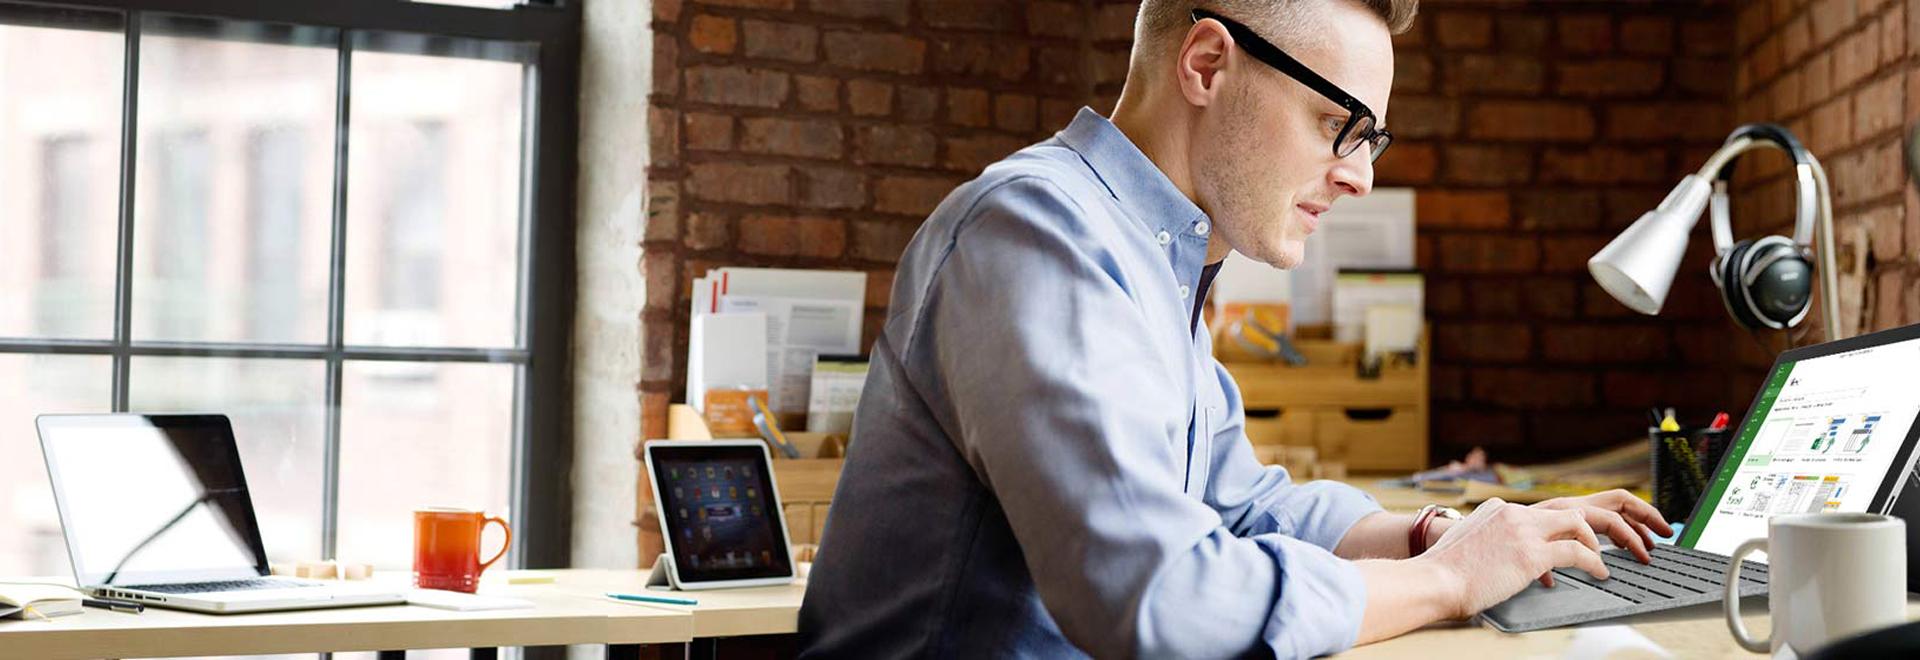 Um homem sentado a uma mesa e trabalhando em um tablet Surface usando o Microsoft Project.